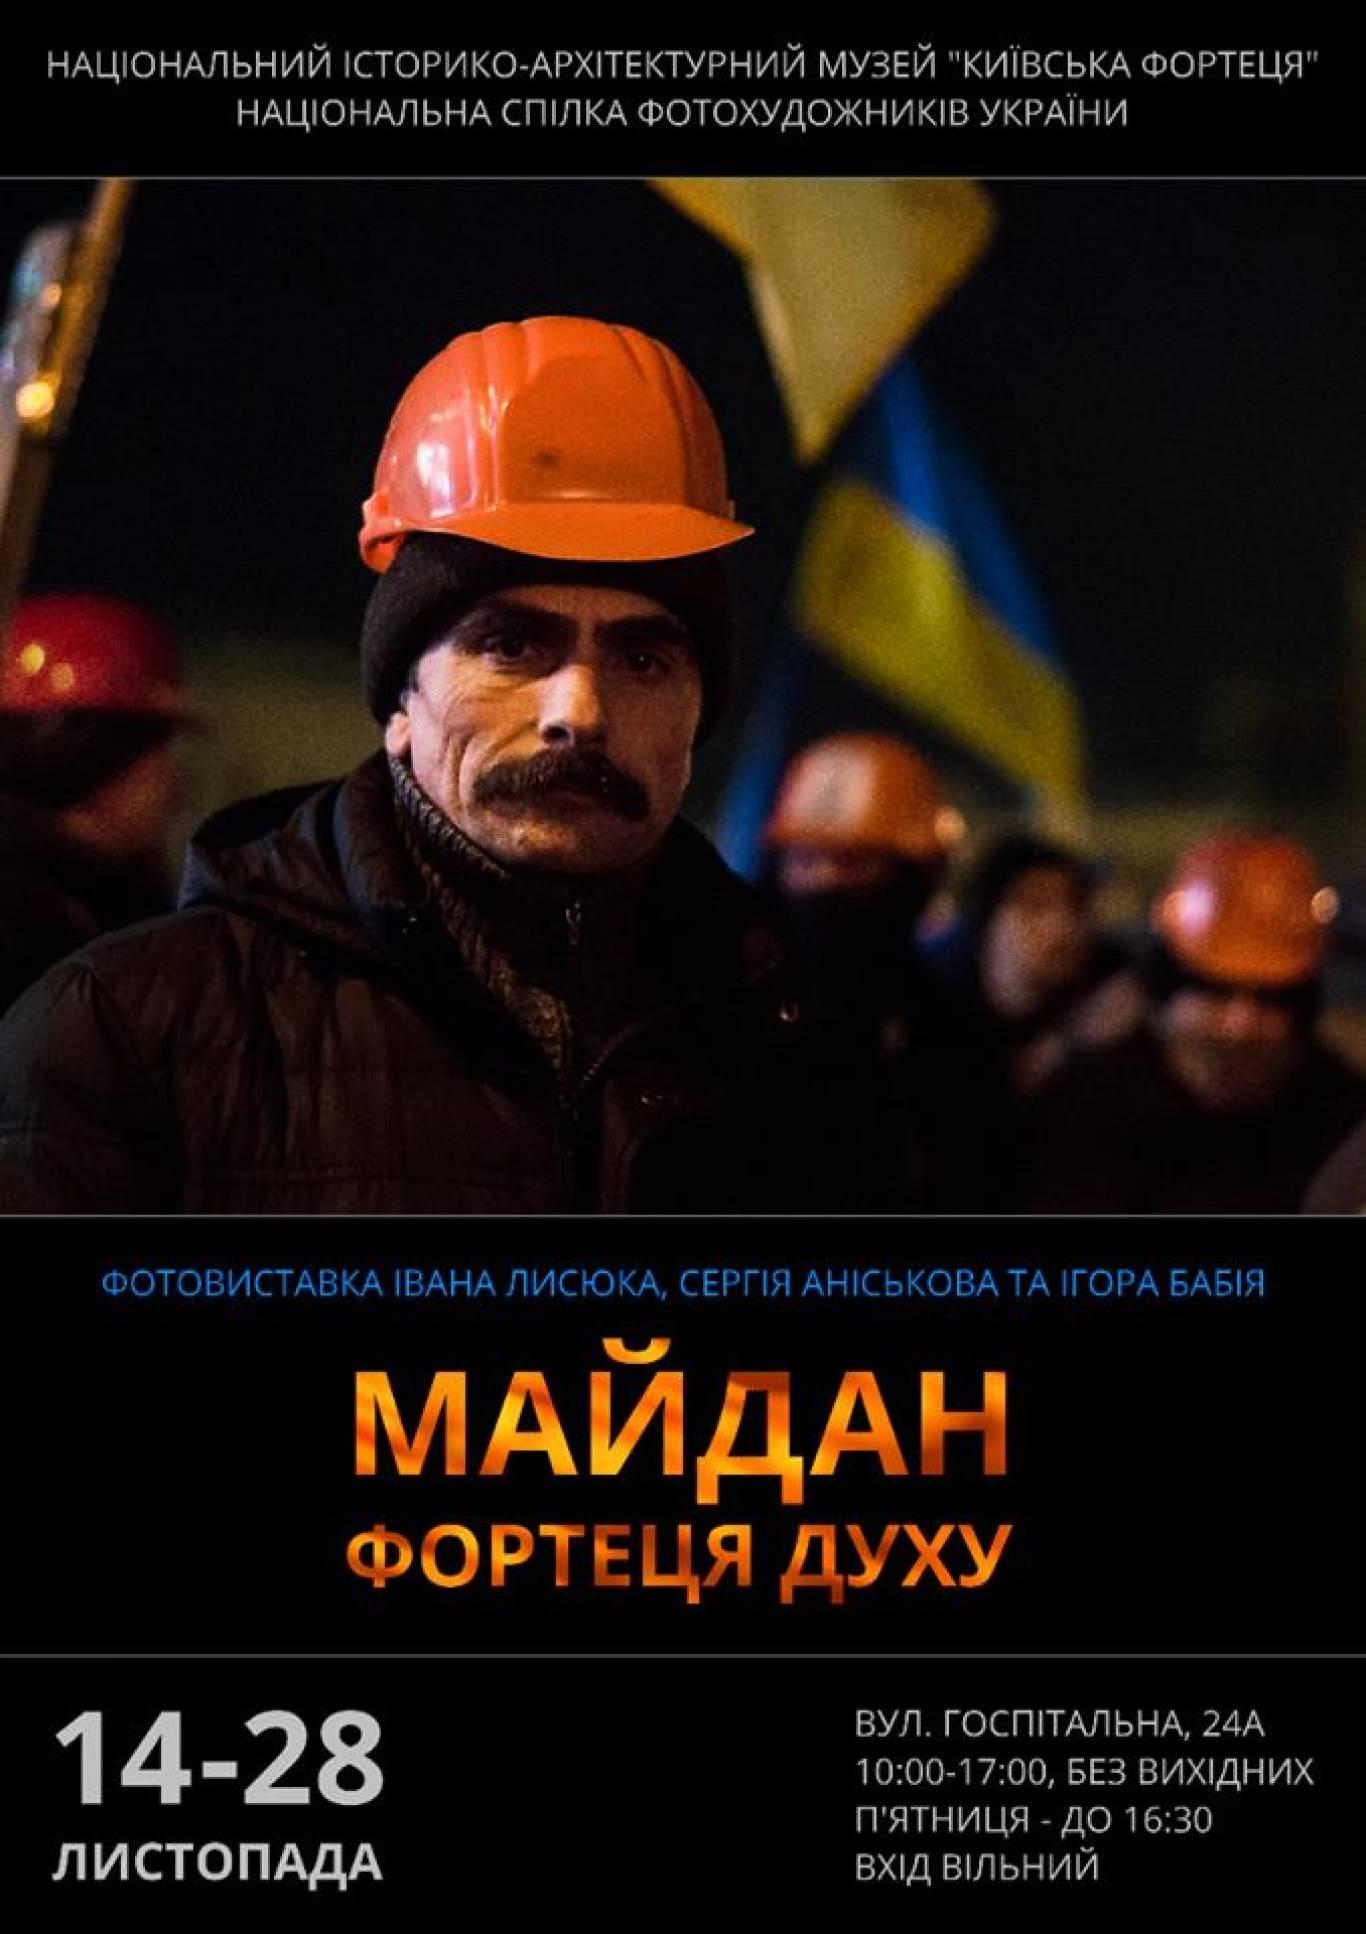 Фотовиставка «Майдан фортеця духу»